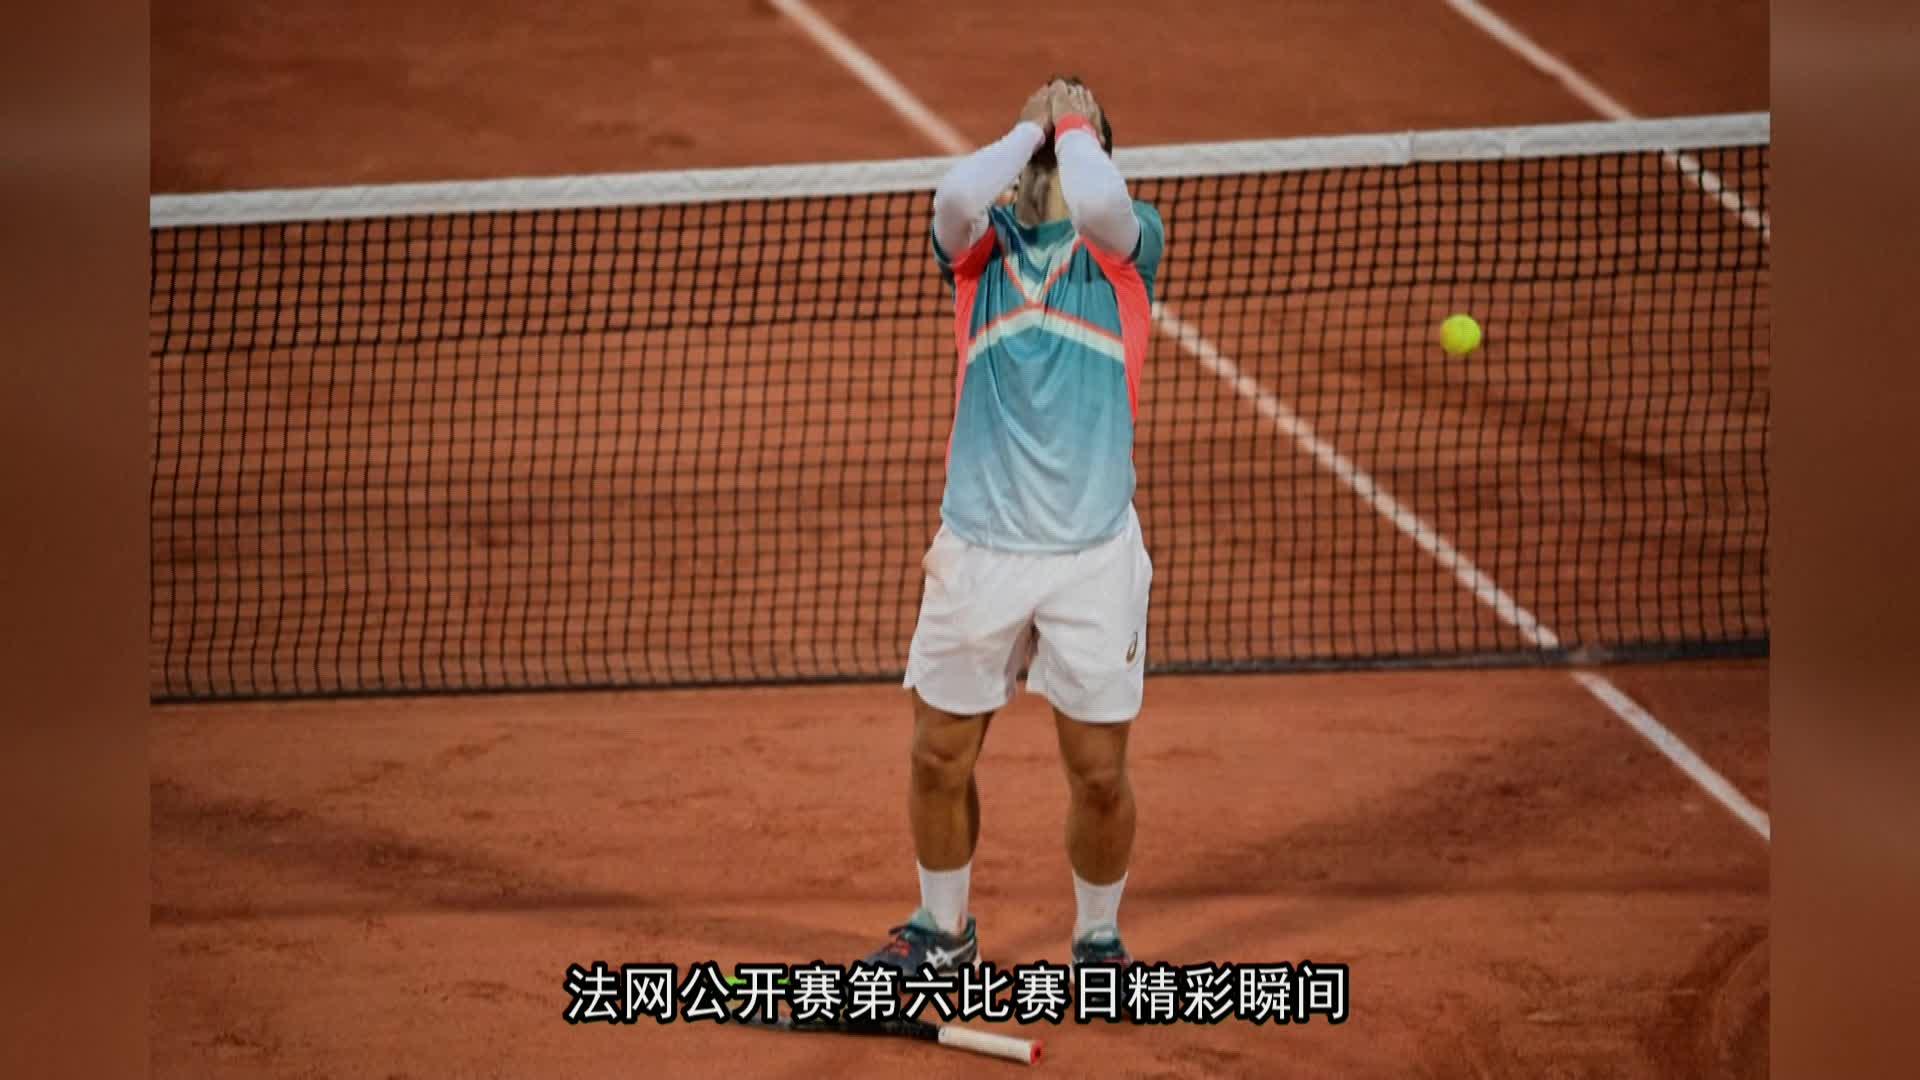 法网公开赛第六日 哈勒普战胜阿尼西莫娃